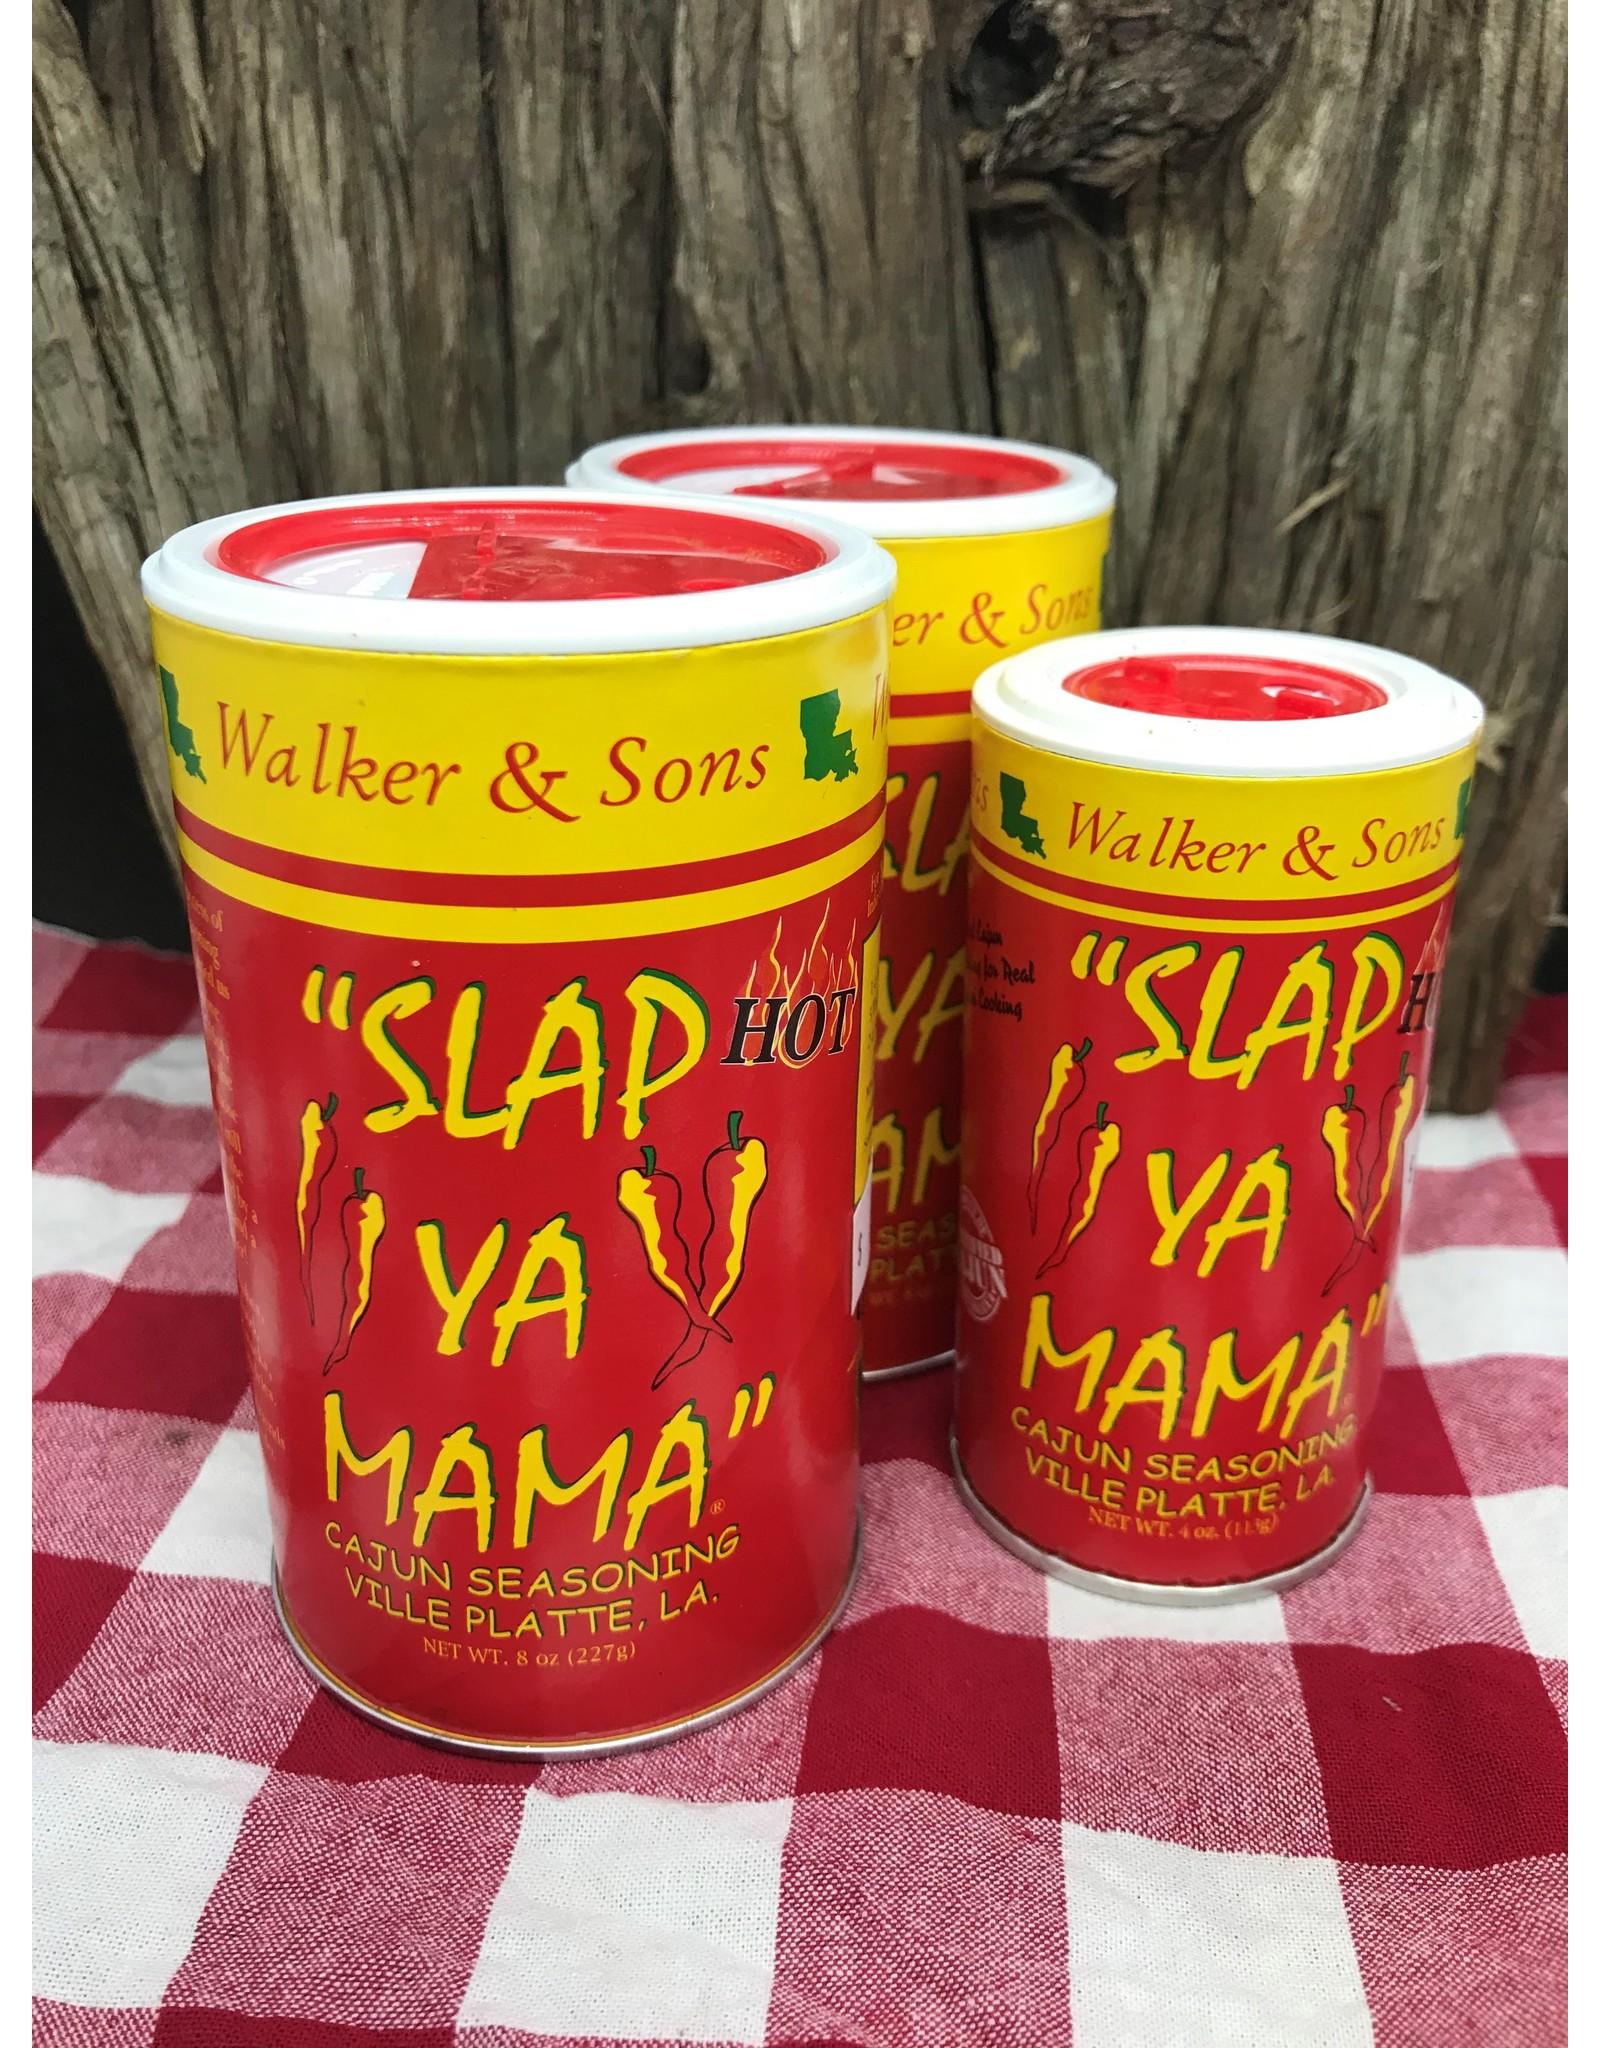 Slap Your Mama Slap Ya Mama Cajun Seasoning